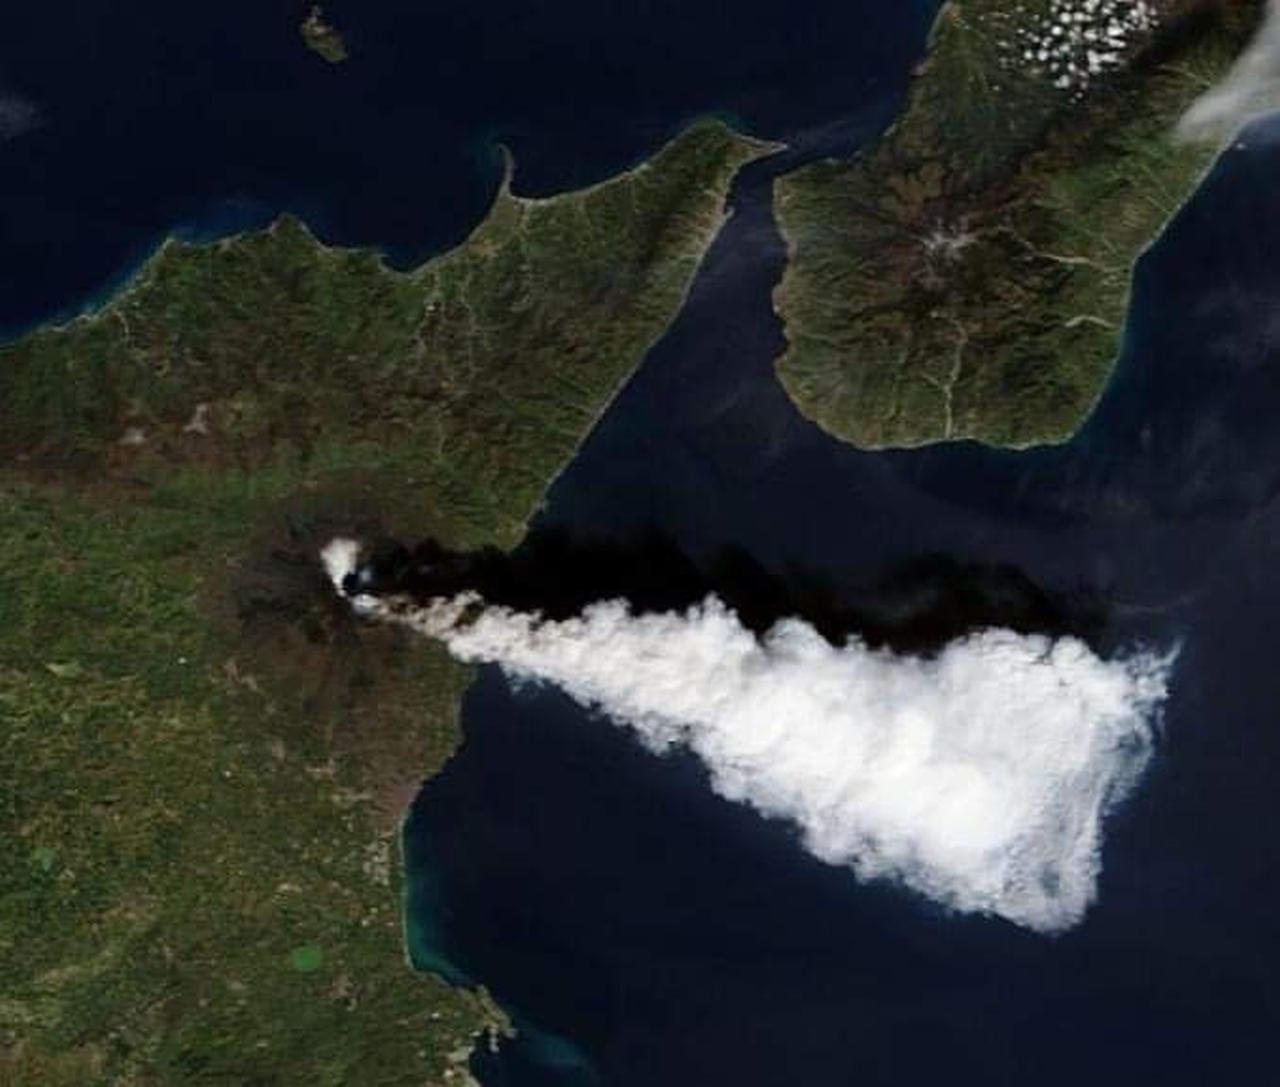 etna - Etna non si ferma, eruzione con colata lavica. Enorme nube dallo spazio